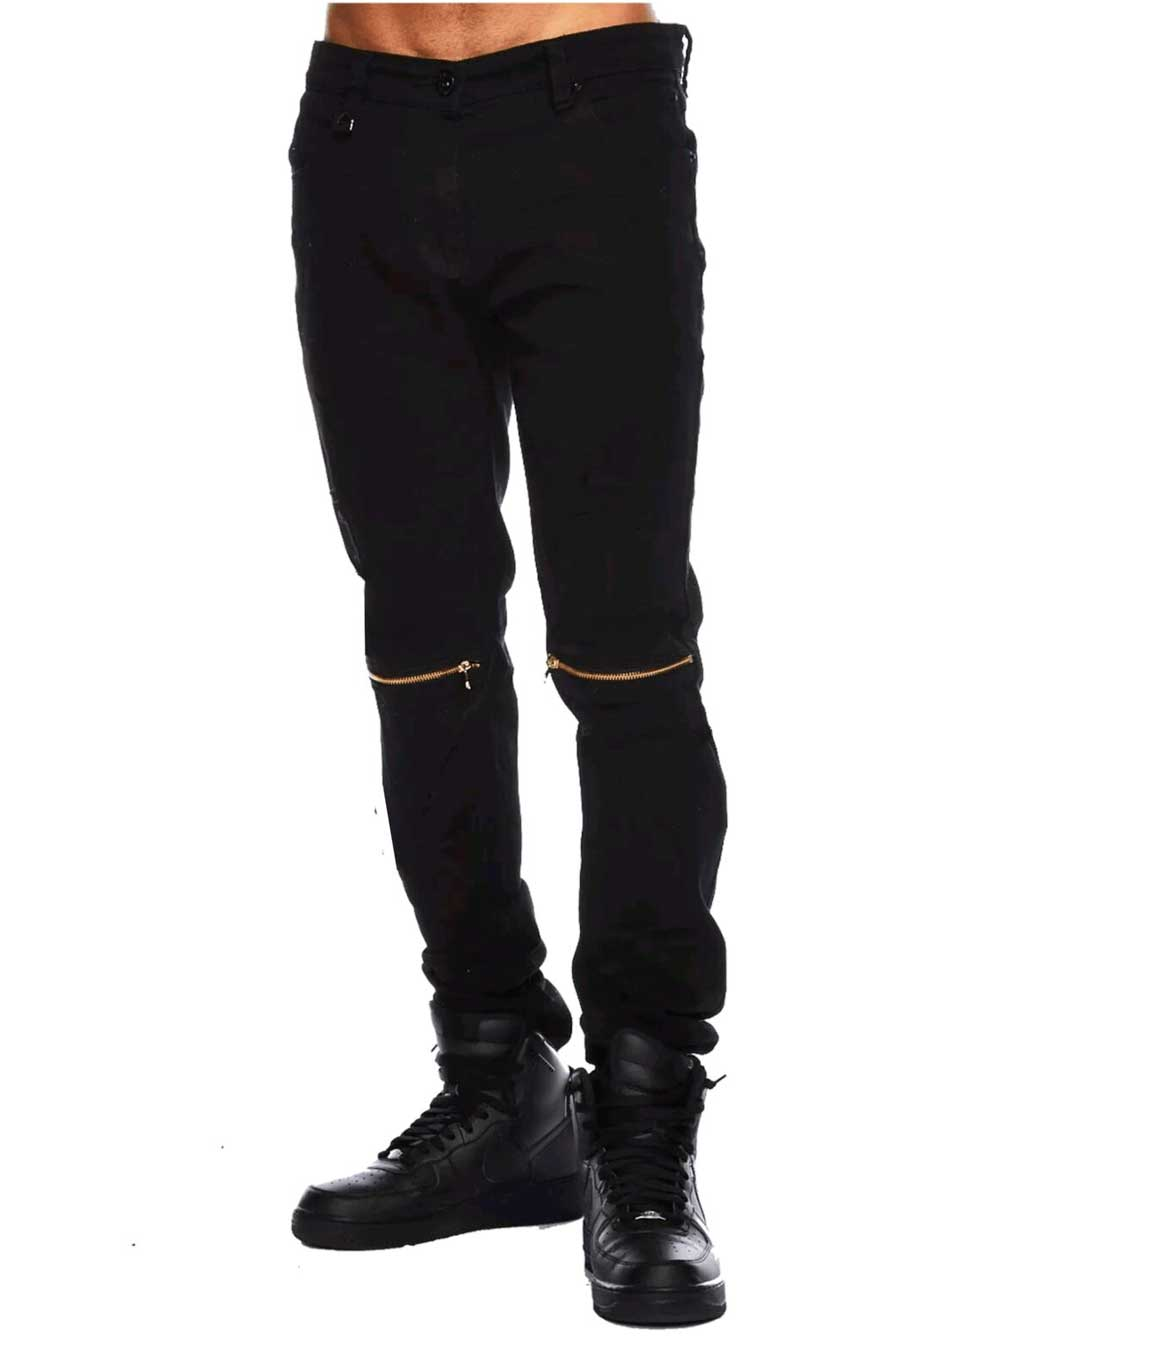 Stylish Black Slim Fit Knee Zipper Jeans